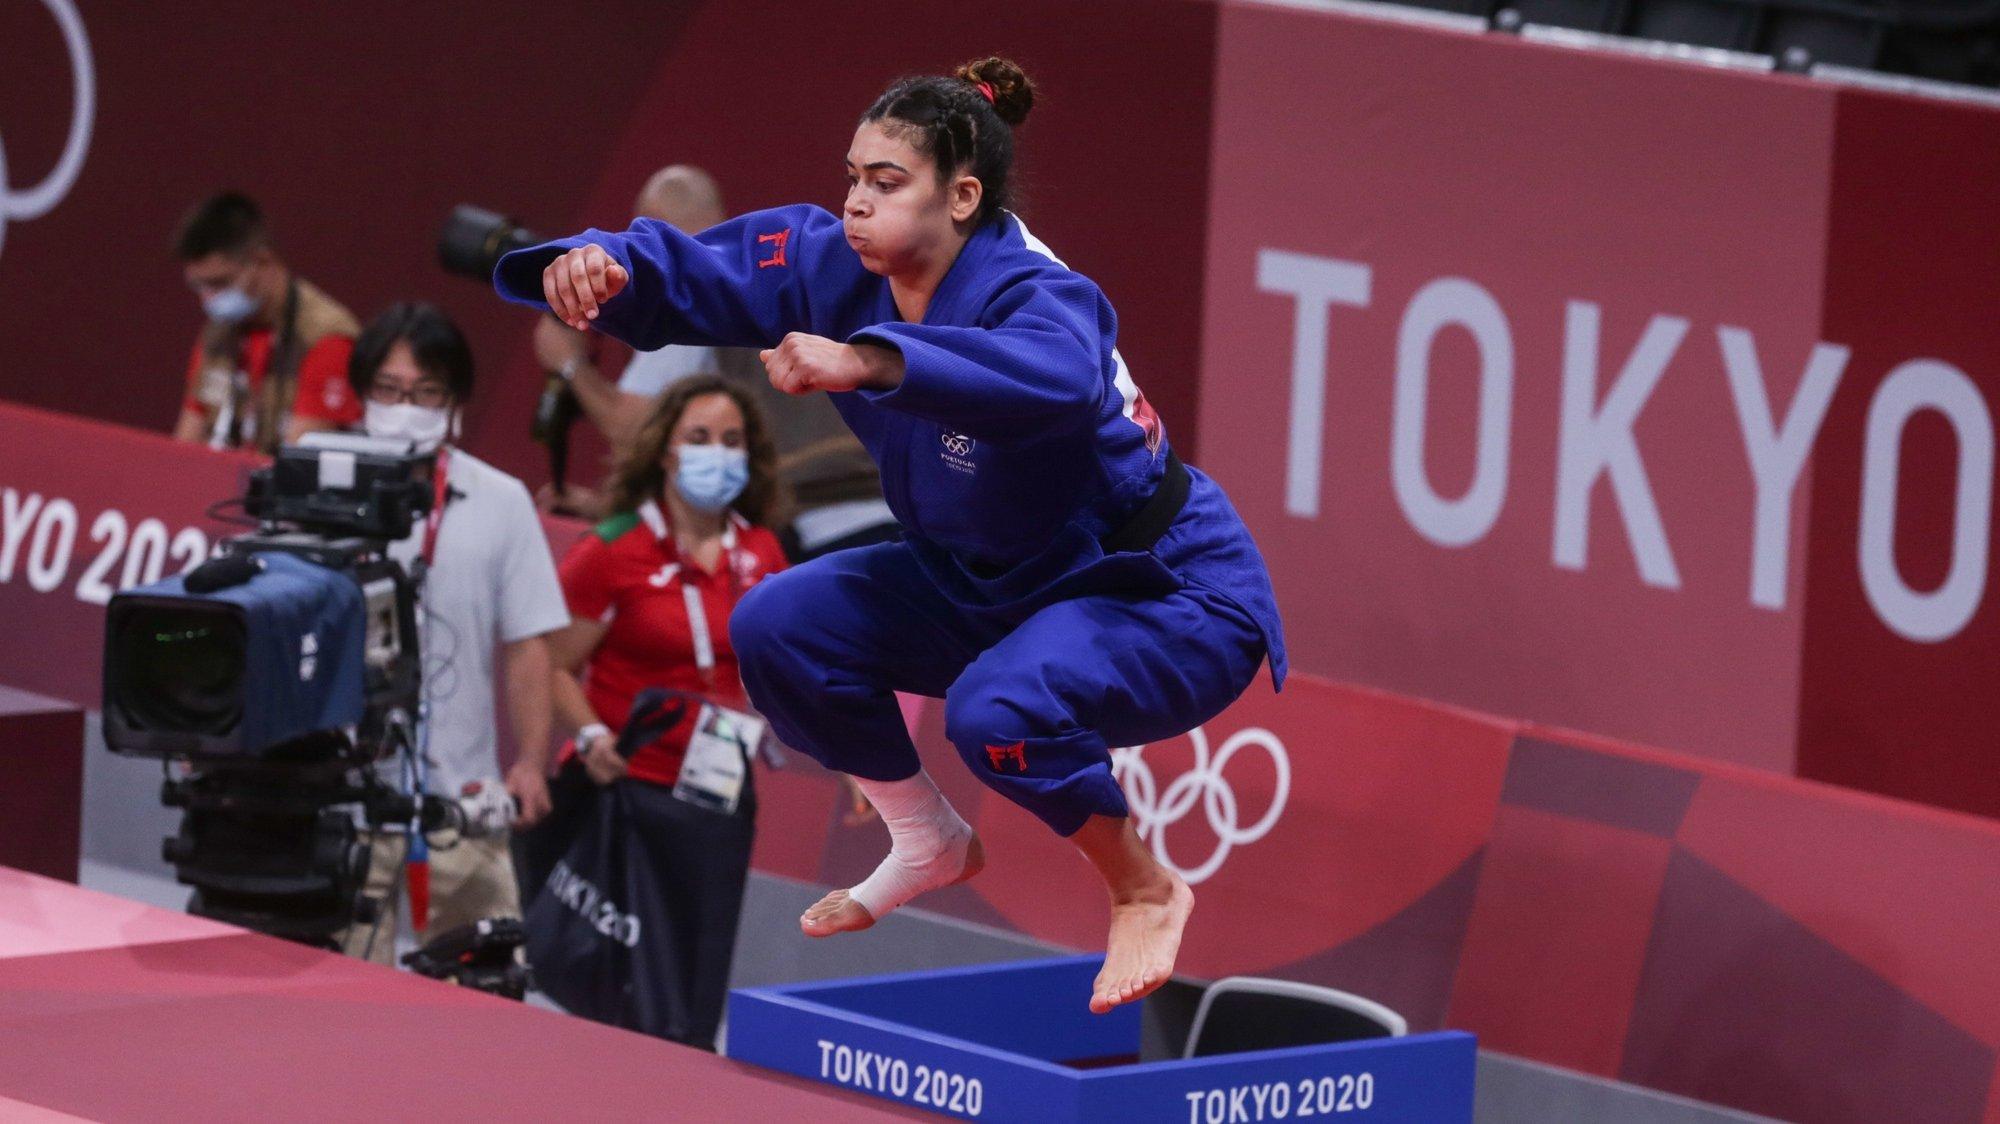 A judoca portuguesa Patricia Sampaio em ação durante o primeiro combate na categoria de -78 kg, com a venezuelana, Karen Leon nos Jogos Olimpicos de Tóquio2020, no Nipon Budokan de Tóquio, Japão, 29 de julho de 2021. TIAGO PETINGA/LUSA